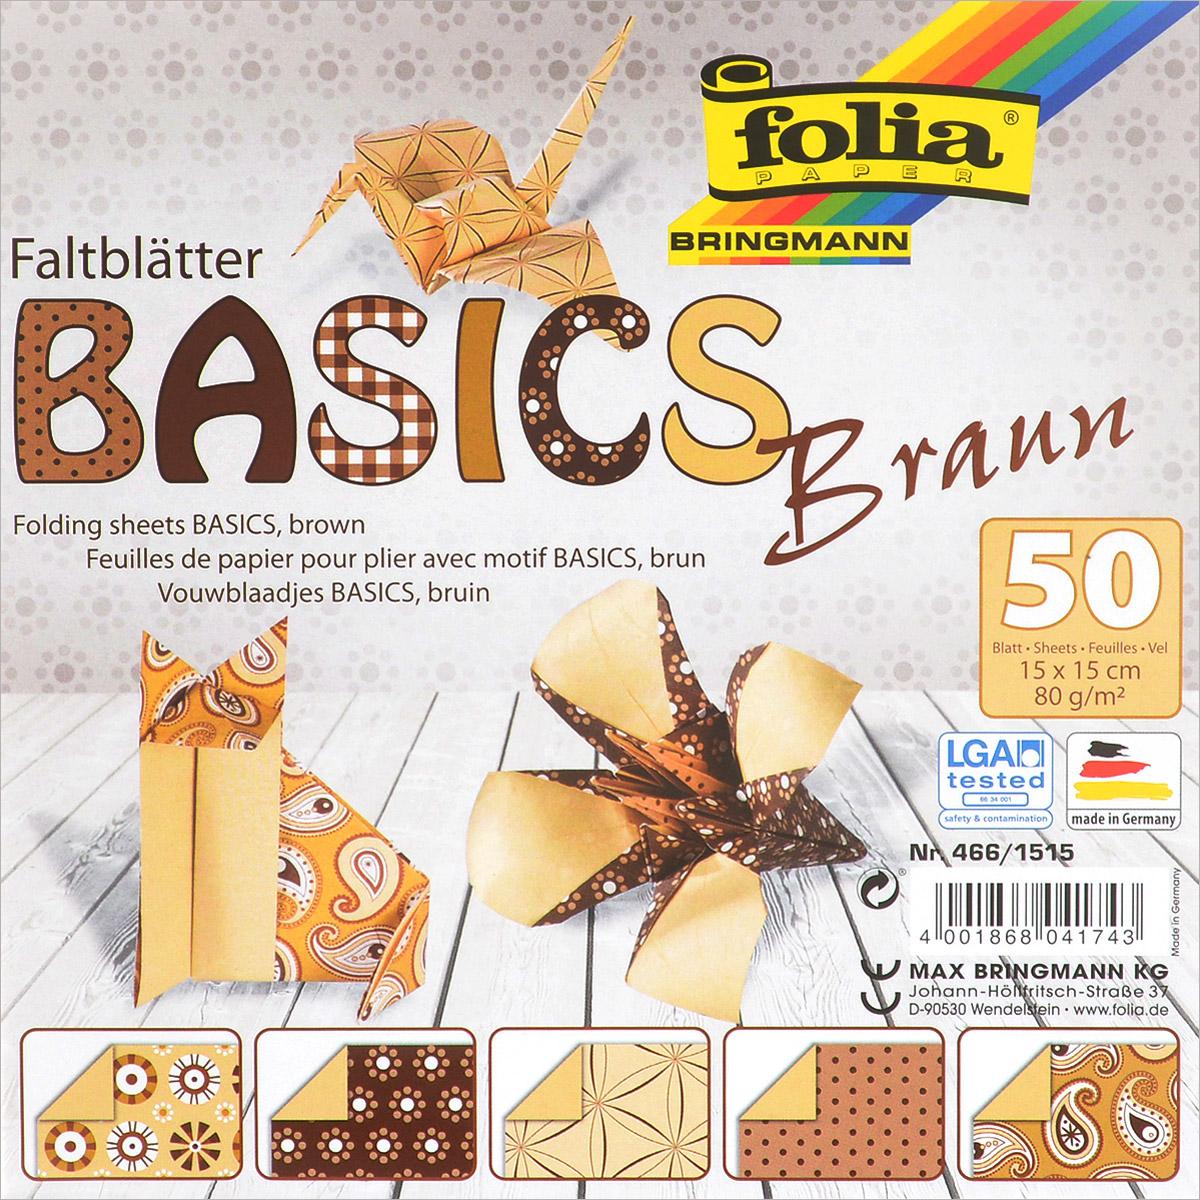 Бумага для оригами Folia, цвет: коричневый, 15 см х 15 см, 50 листовC0042416Набор специальной цветной двусторонней бумаги для оригами Folia содержит 50 листов разных цветов, которые помогут вам и вашему ребенку сделать яркие и разнообразные фигурки. В набор входит бумага пяти разных дизайнов. С одной стороны - бумага однотонная, с другой - оформлена оригинальными узорами и орнаментами. Эти листы можно использовать для оригами, украшения для садового подсвечника или для создания новогодних звезд. При многоразовом сгибании листа на бумаге не появляются трещины, так как она обладает очень высоким качеством. Бумага хорошо комбинируется с цветным картоном.За свою многовековую историю оригами прошло путь от храмовых обрядов до искусства, дарящего радость и красоту миллионам людей во всем мире. Складывание и художественное оформление фигурок оригами интересно заполнят свободное время, доставят огромное удовольствие, радость и взрослым и детям. Увлекательные занятия оригами развивают мелкую моторику рук, воображение, мышление, воспитывают волевые качества и совершенствуют художественный вкус ребенка.Плотность бумаги: 80 г/м2.Размер листа: 15 см х 15 см.